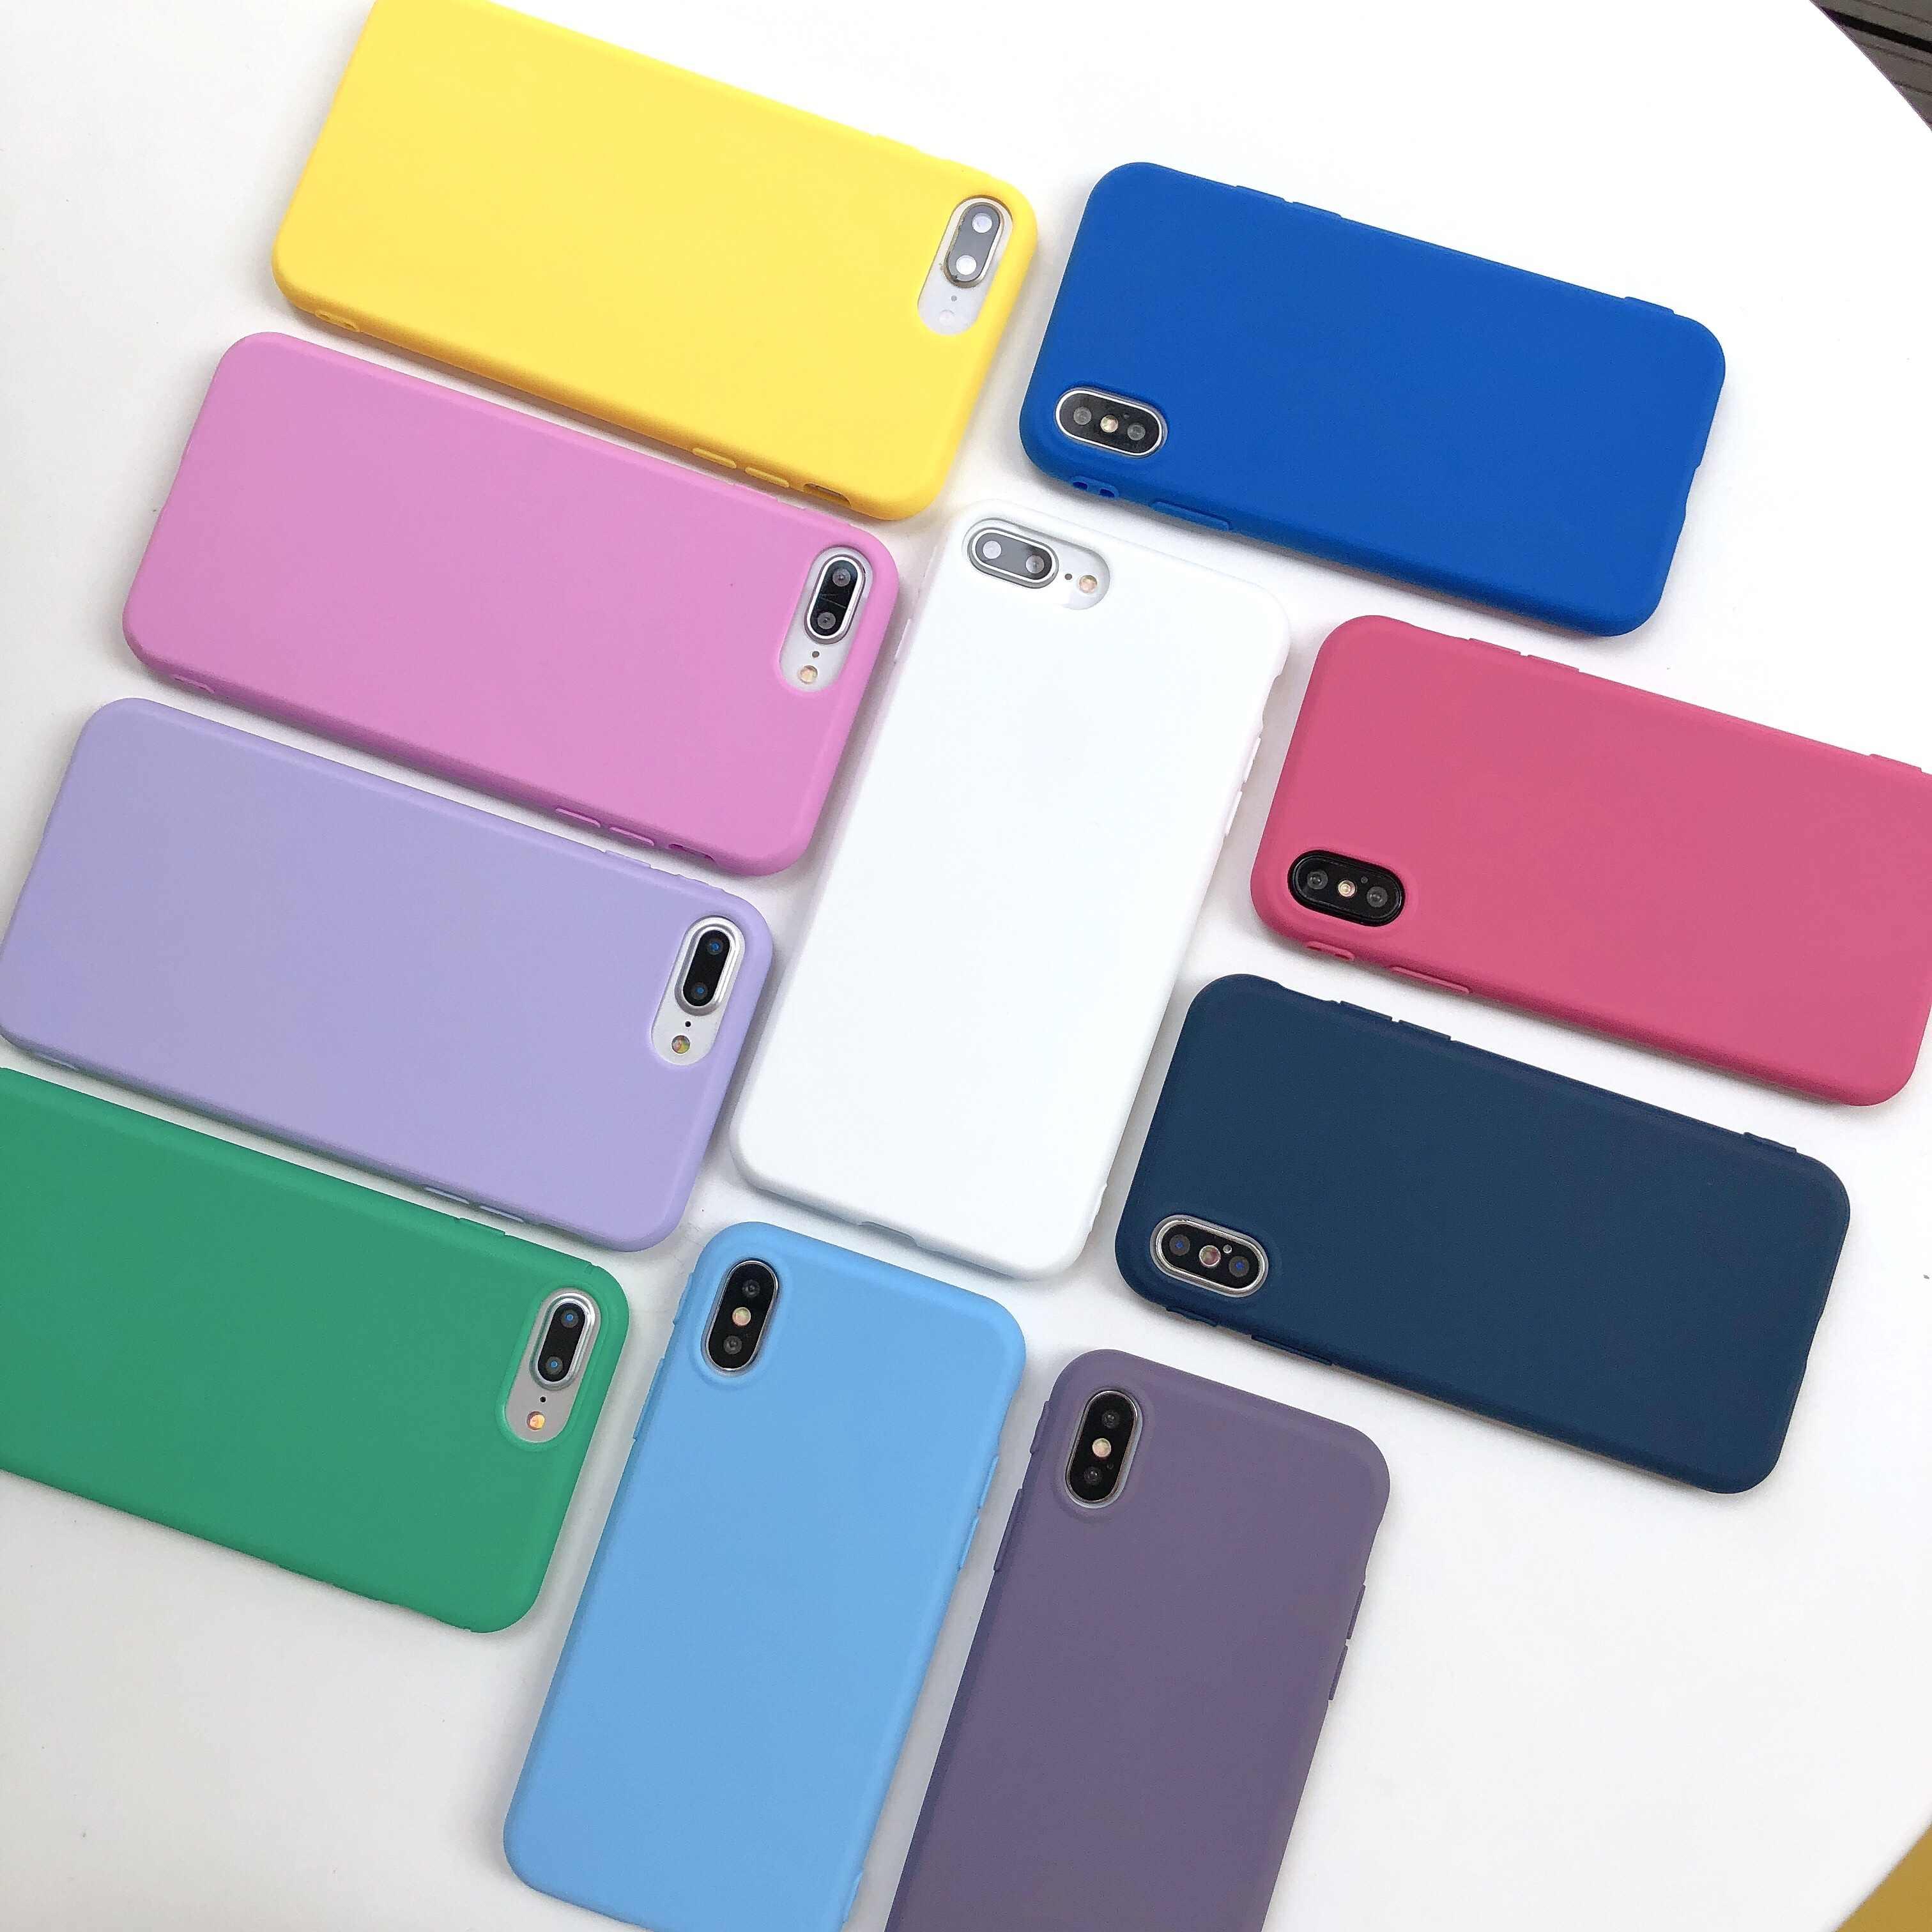 עבור אני טלפון X XS Max XR 8 8 בתוספת 7 7 בתוספת 11 פרו מקסימום מקרה